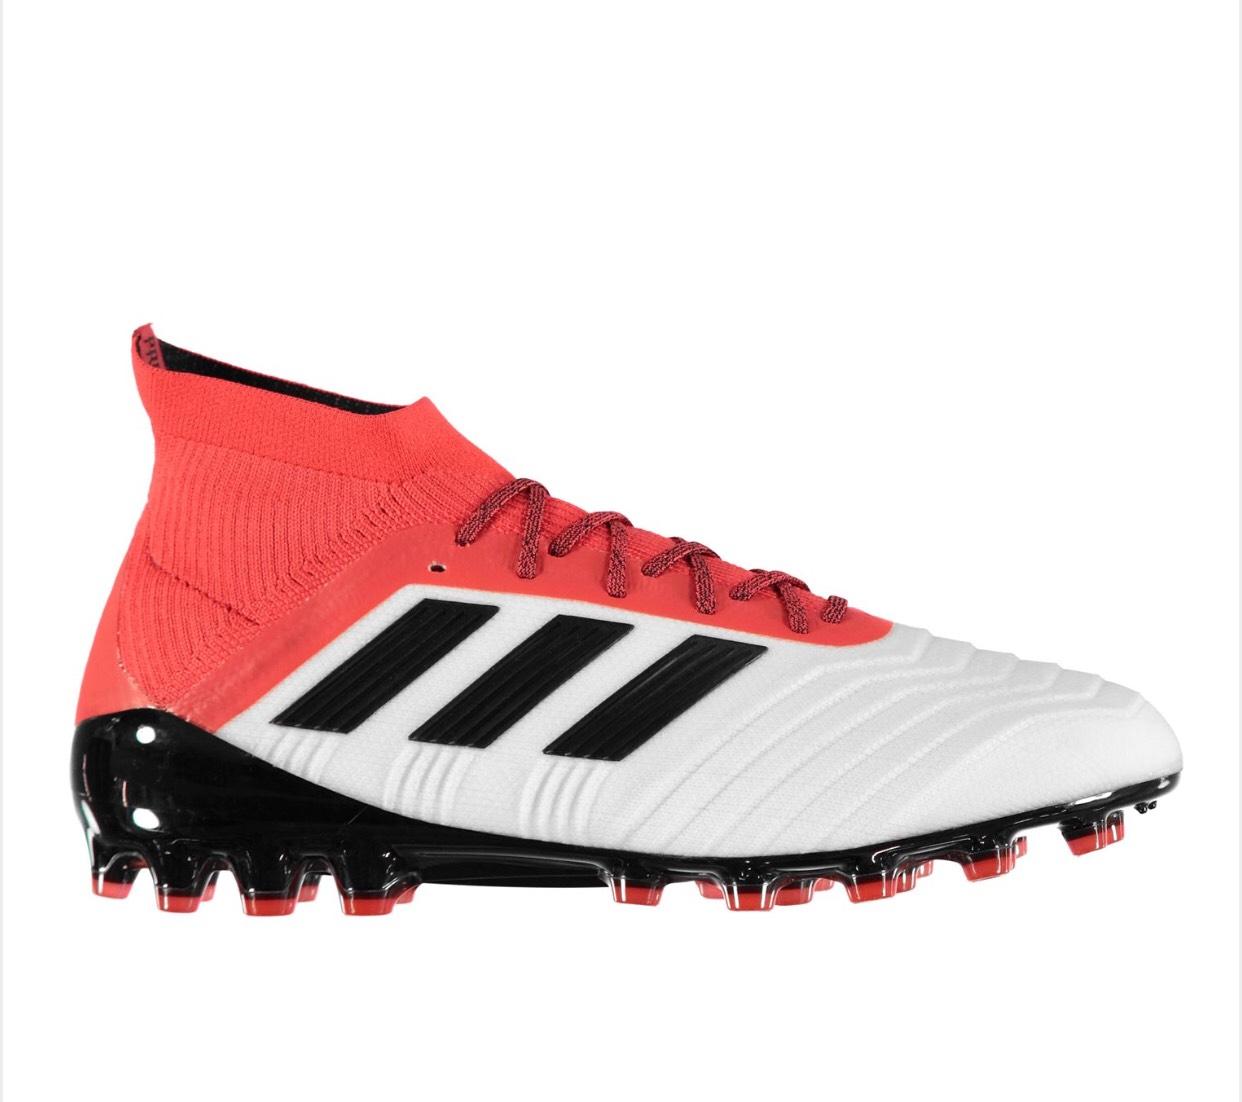 Botas de fútbol Adidas Predator 18.1 AG